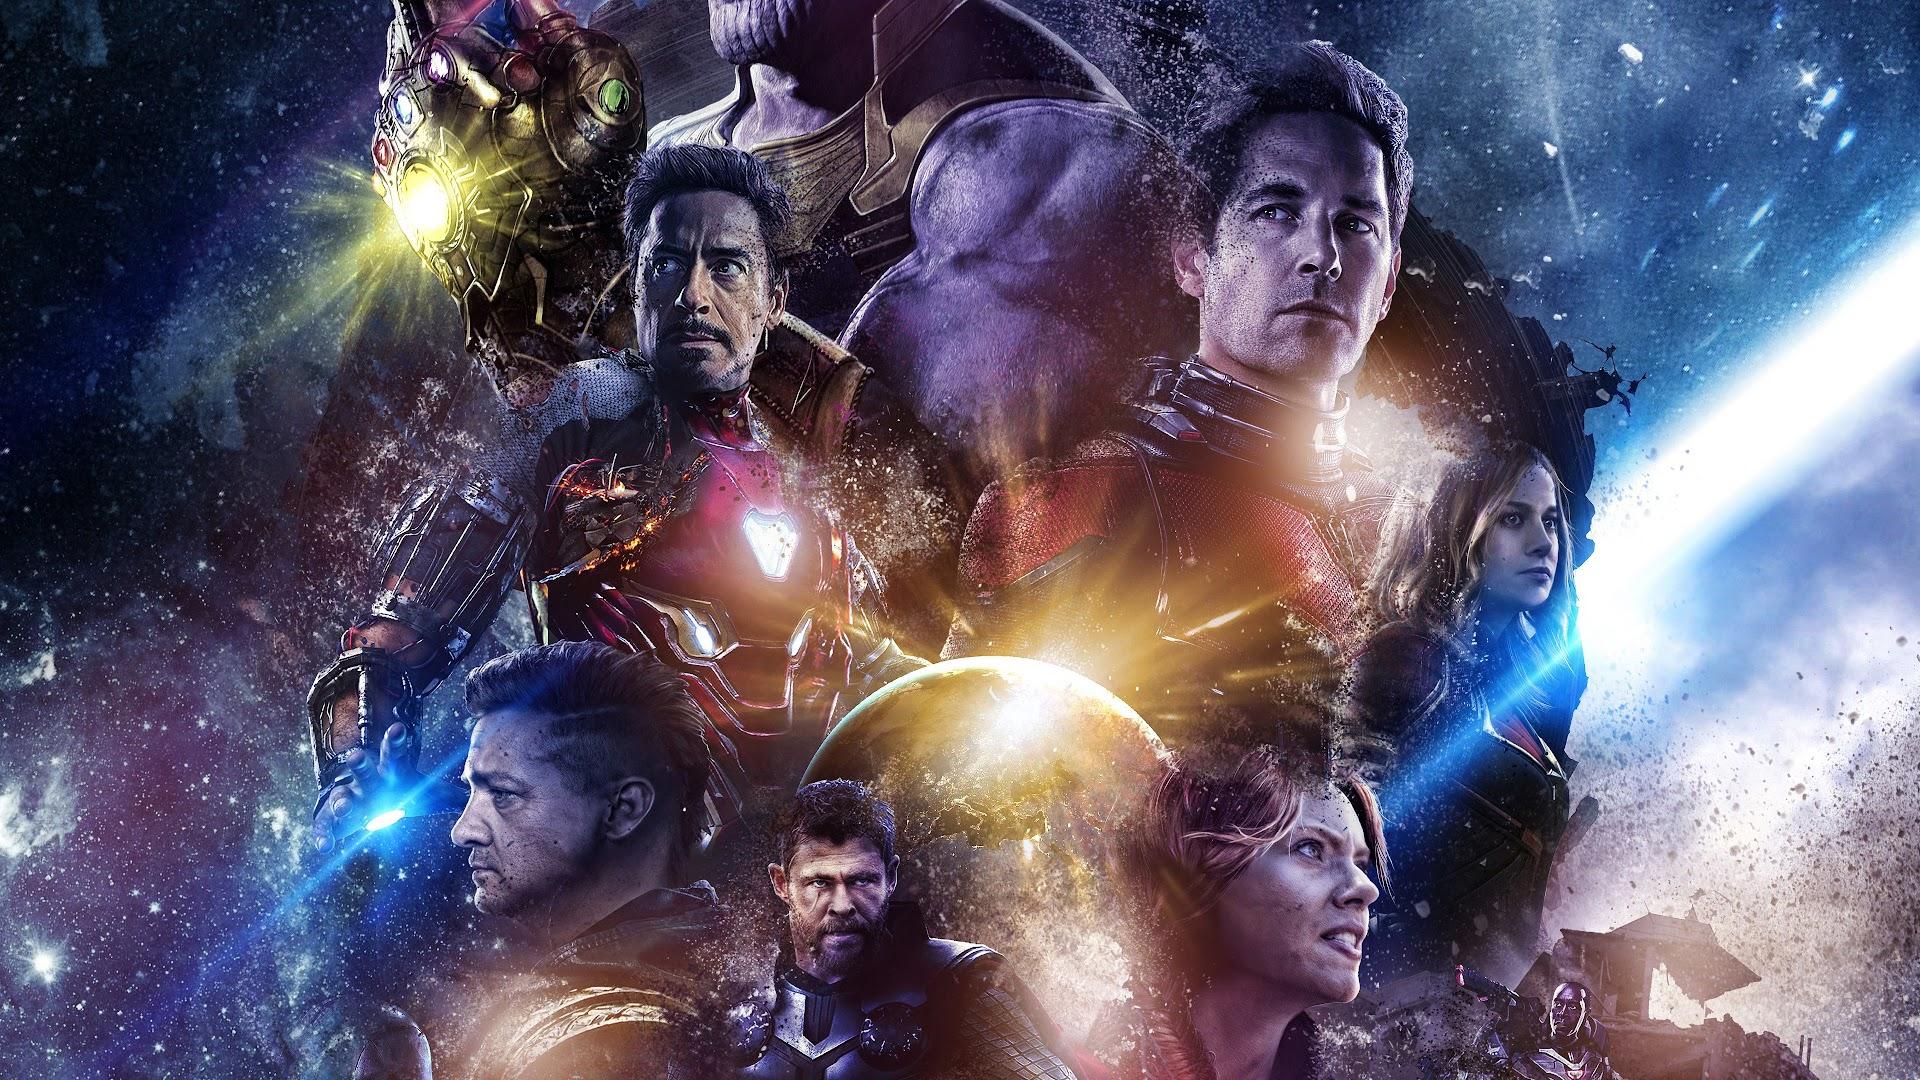 Avengers: Endgame, Characters, 4K, #49 Wallpaper